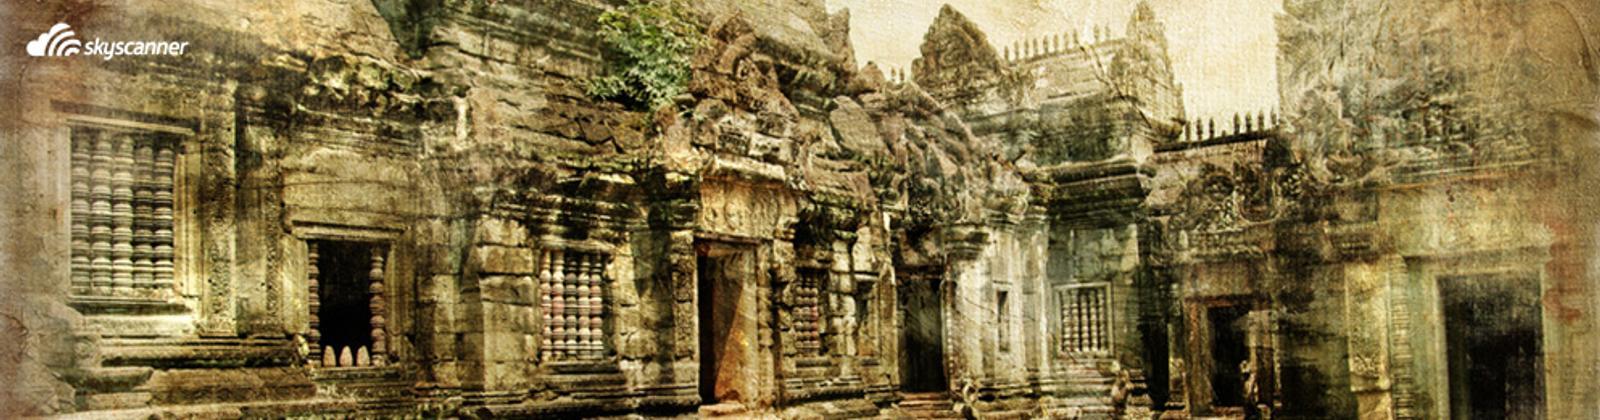 10 สุดยอดโบราณสถานไทย แหล่งอารยธรรมโบราณและความเป็นมาของชาติ